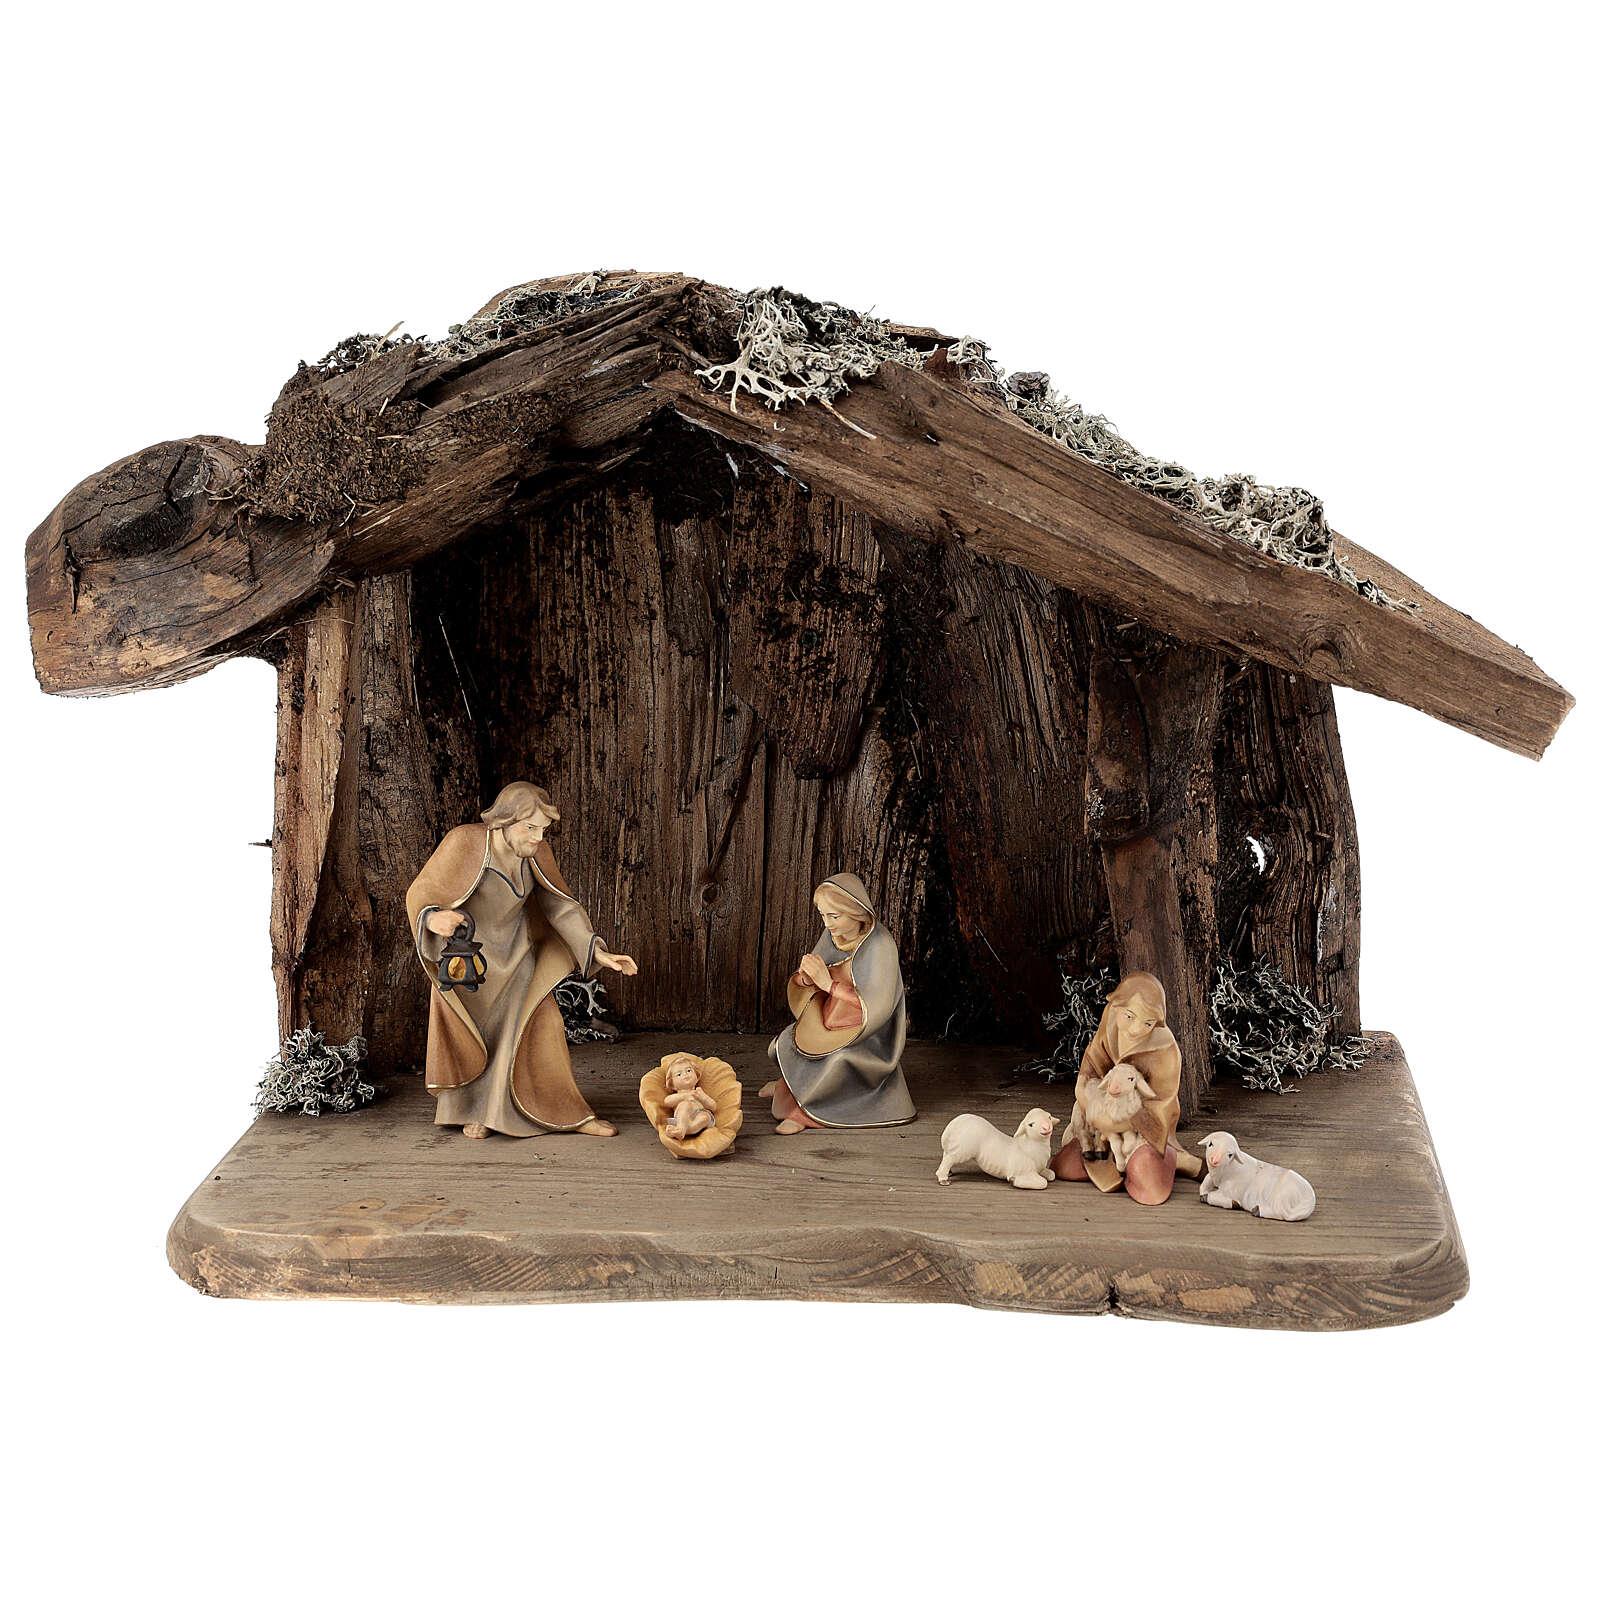 Sagrada Familia con pastor en la cueva belén Original Redentor madera Val Gardena de altura media 12 cm - 6 piezas 4